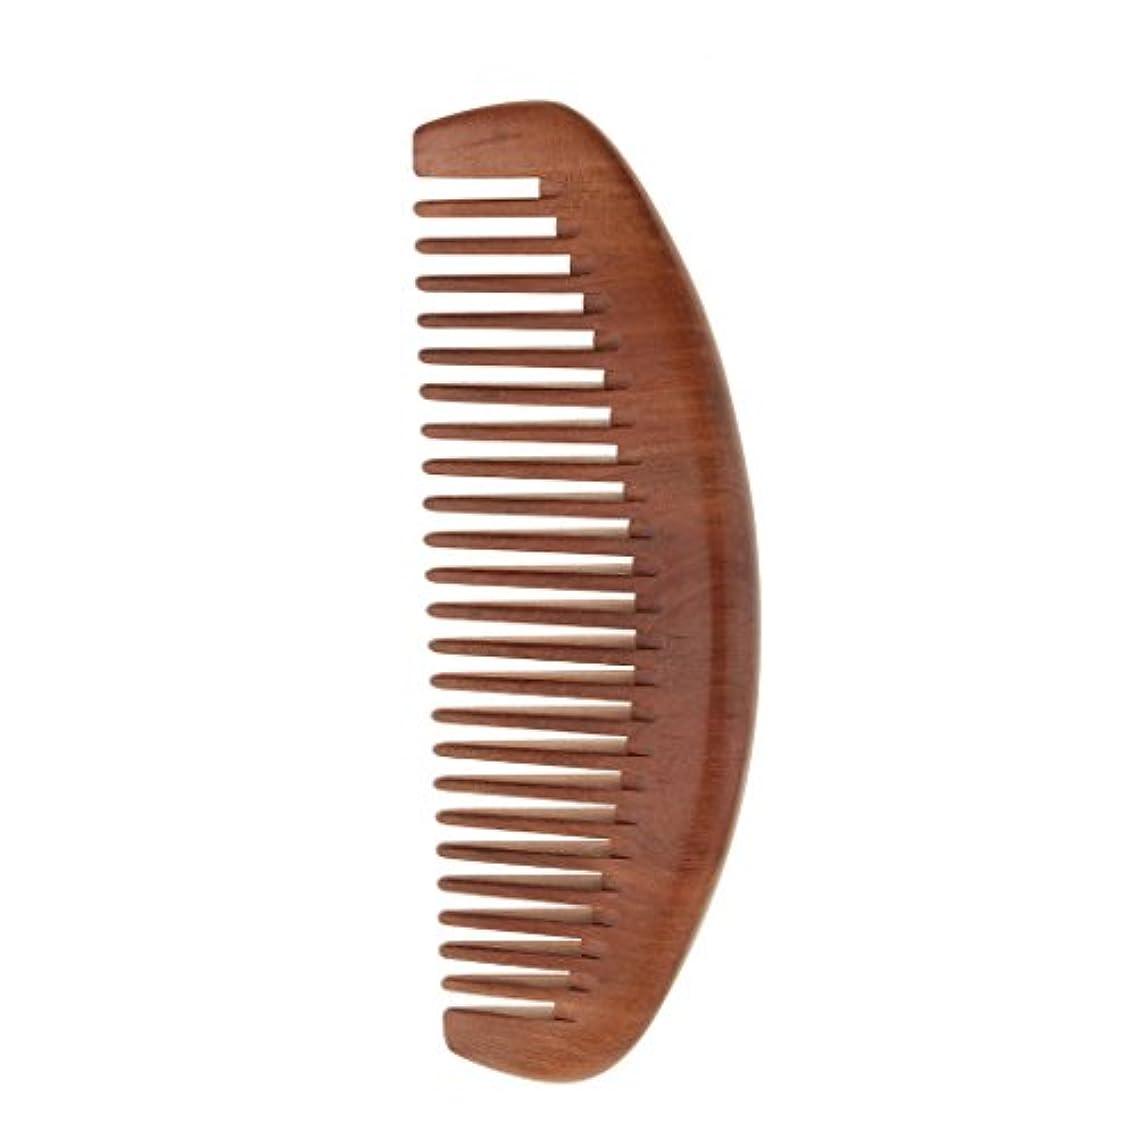 気をつけて代わりの終了する櫛 セットコーム 木製 ヘアコーム ヘアケア 頭皮マッサージ 静電気防止 桃の木 全2種類 - ワイド歯